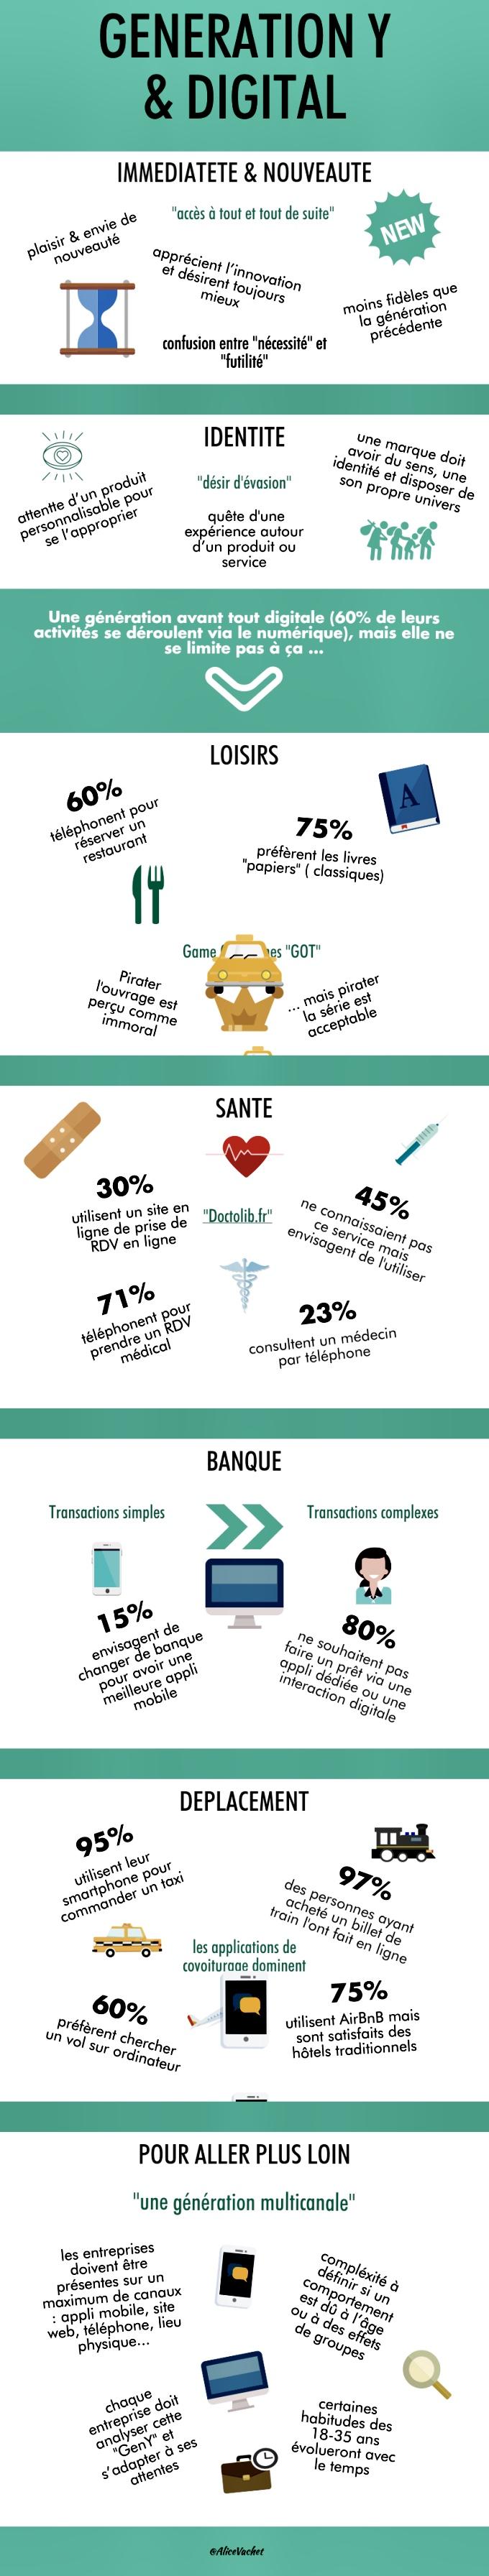 [Infographie] Génération Y & Digital🧑🏽💼👨🏼💼